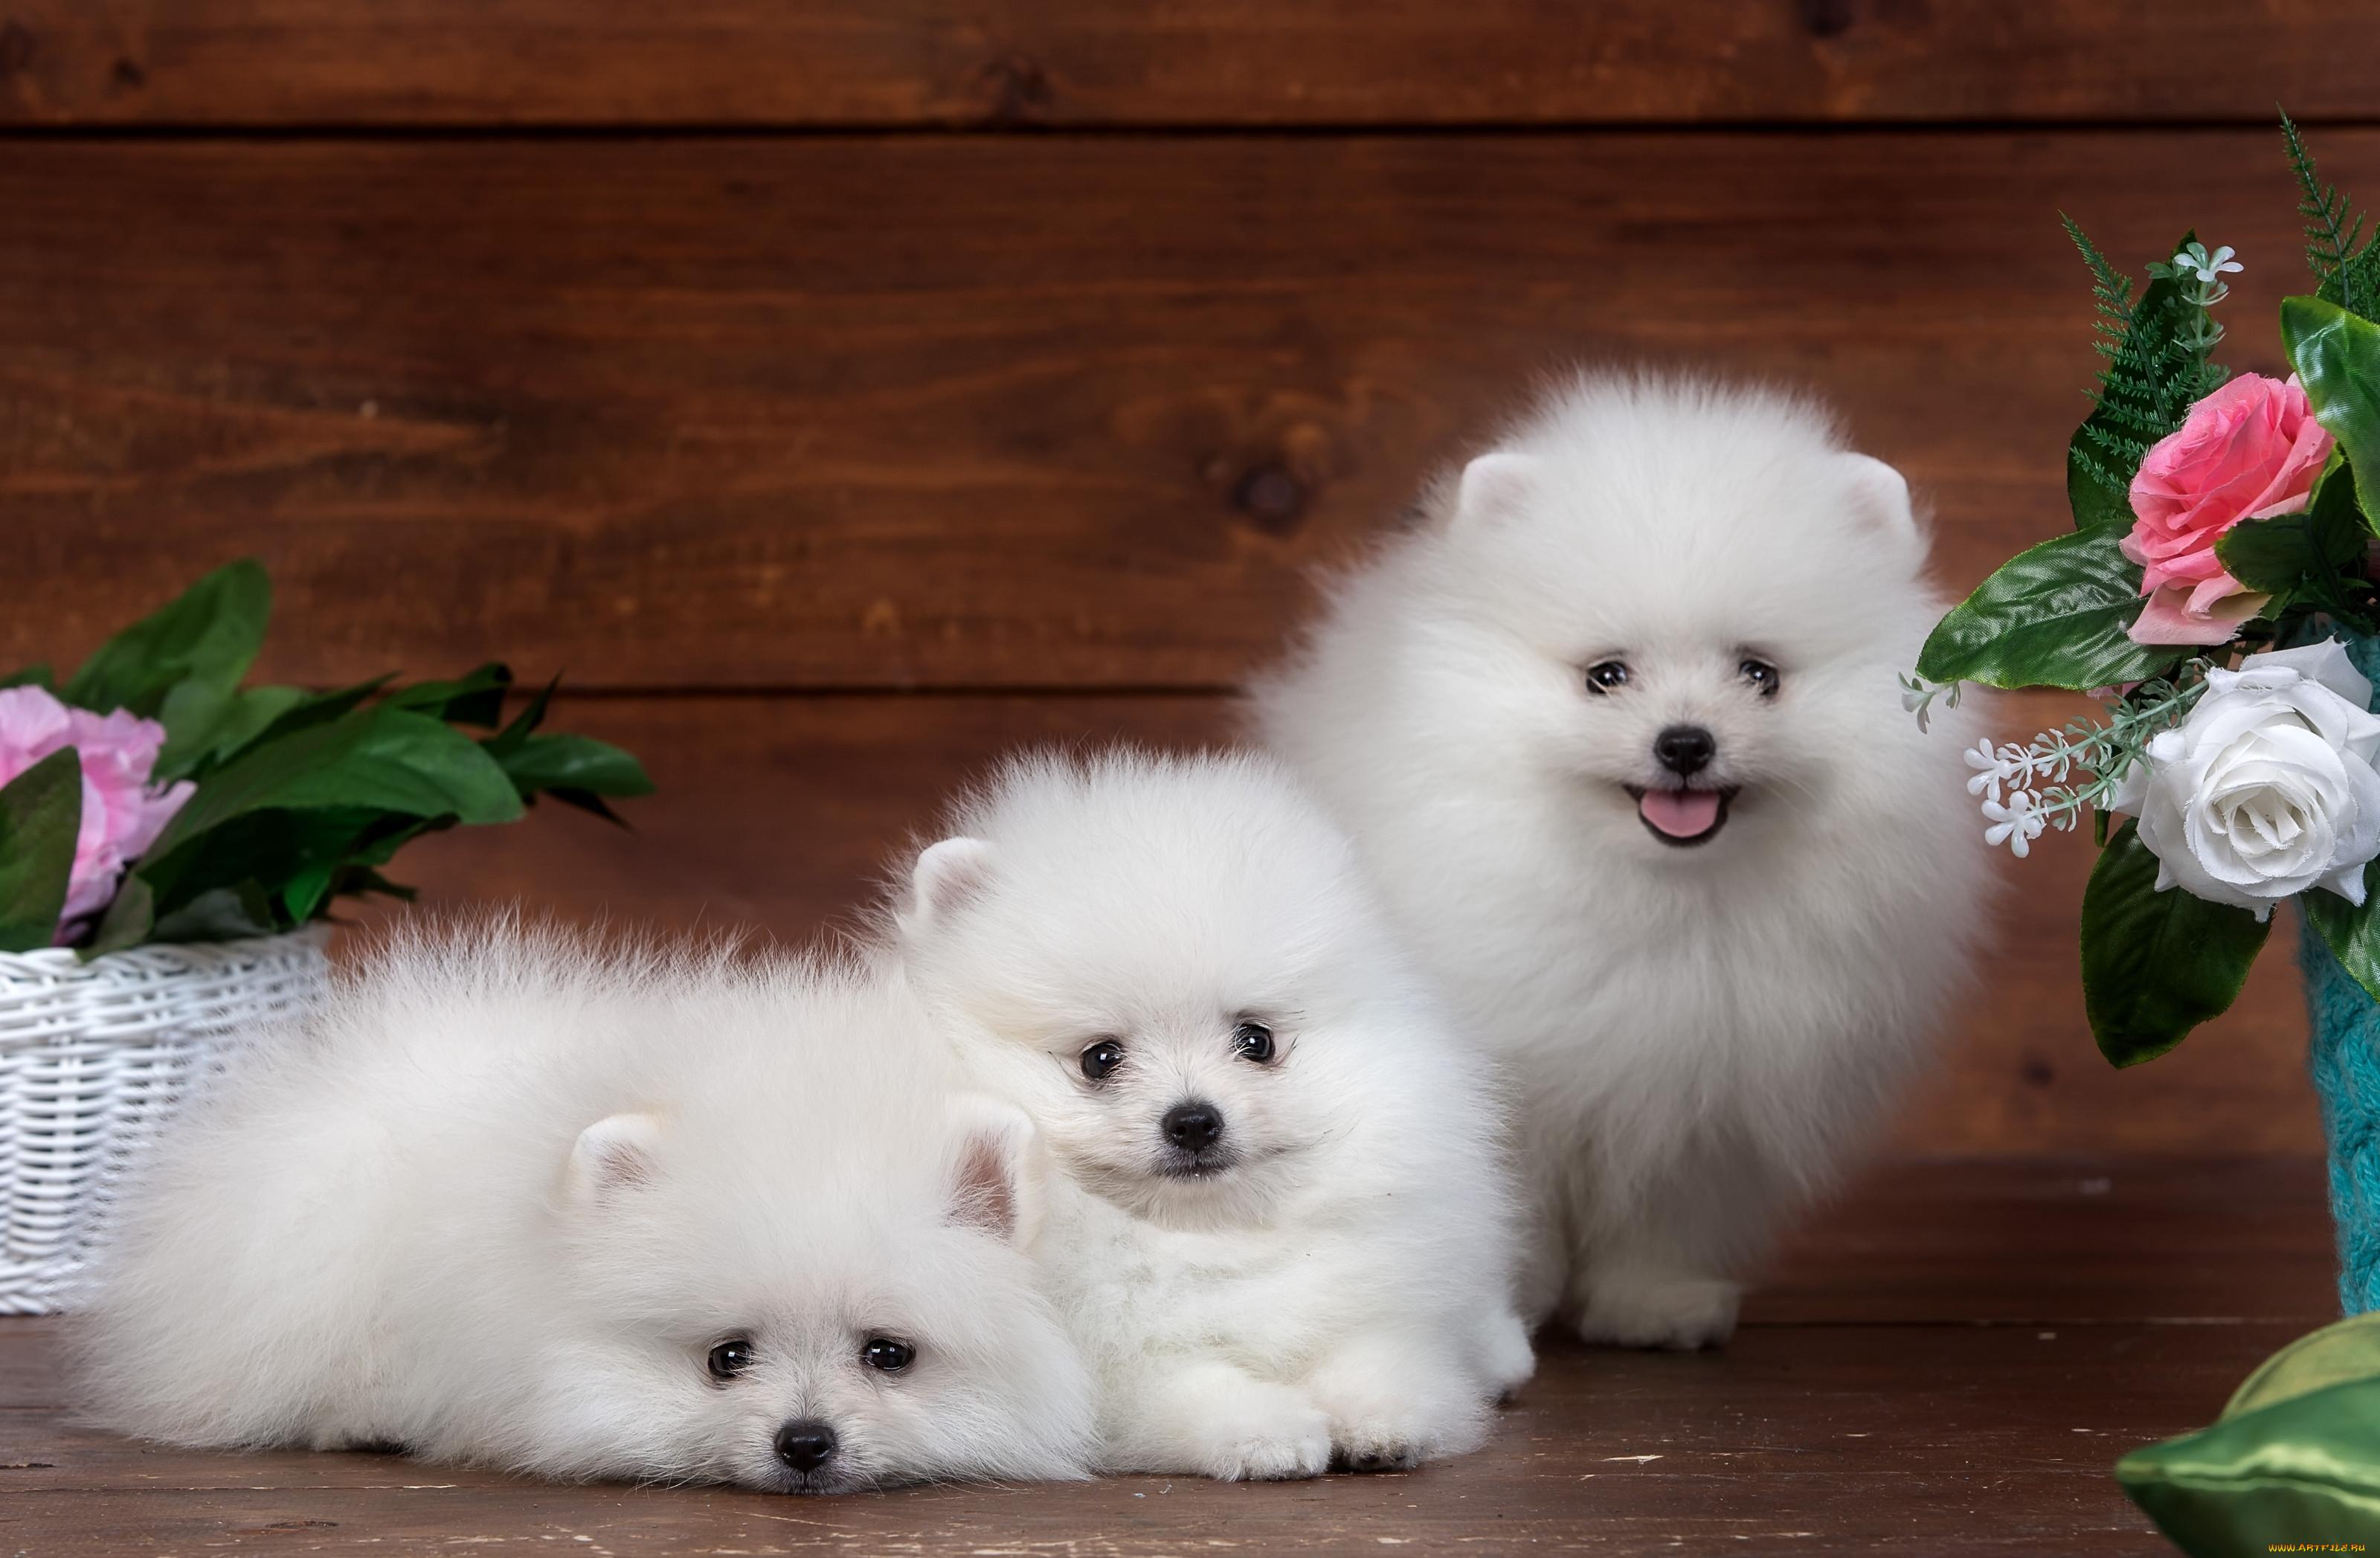 ситуациях, когда пушистые щенки милые фото сегодня вчера